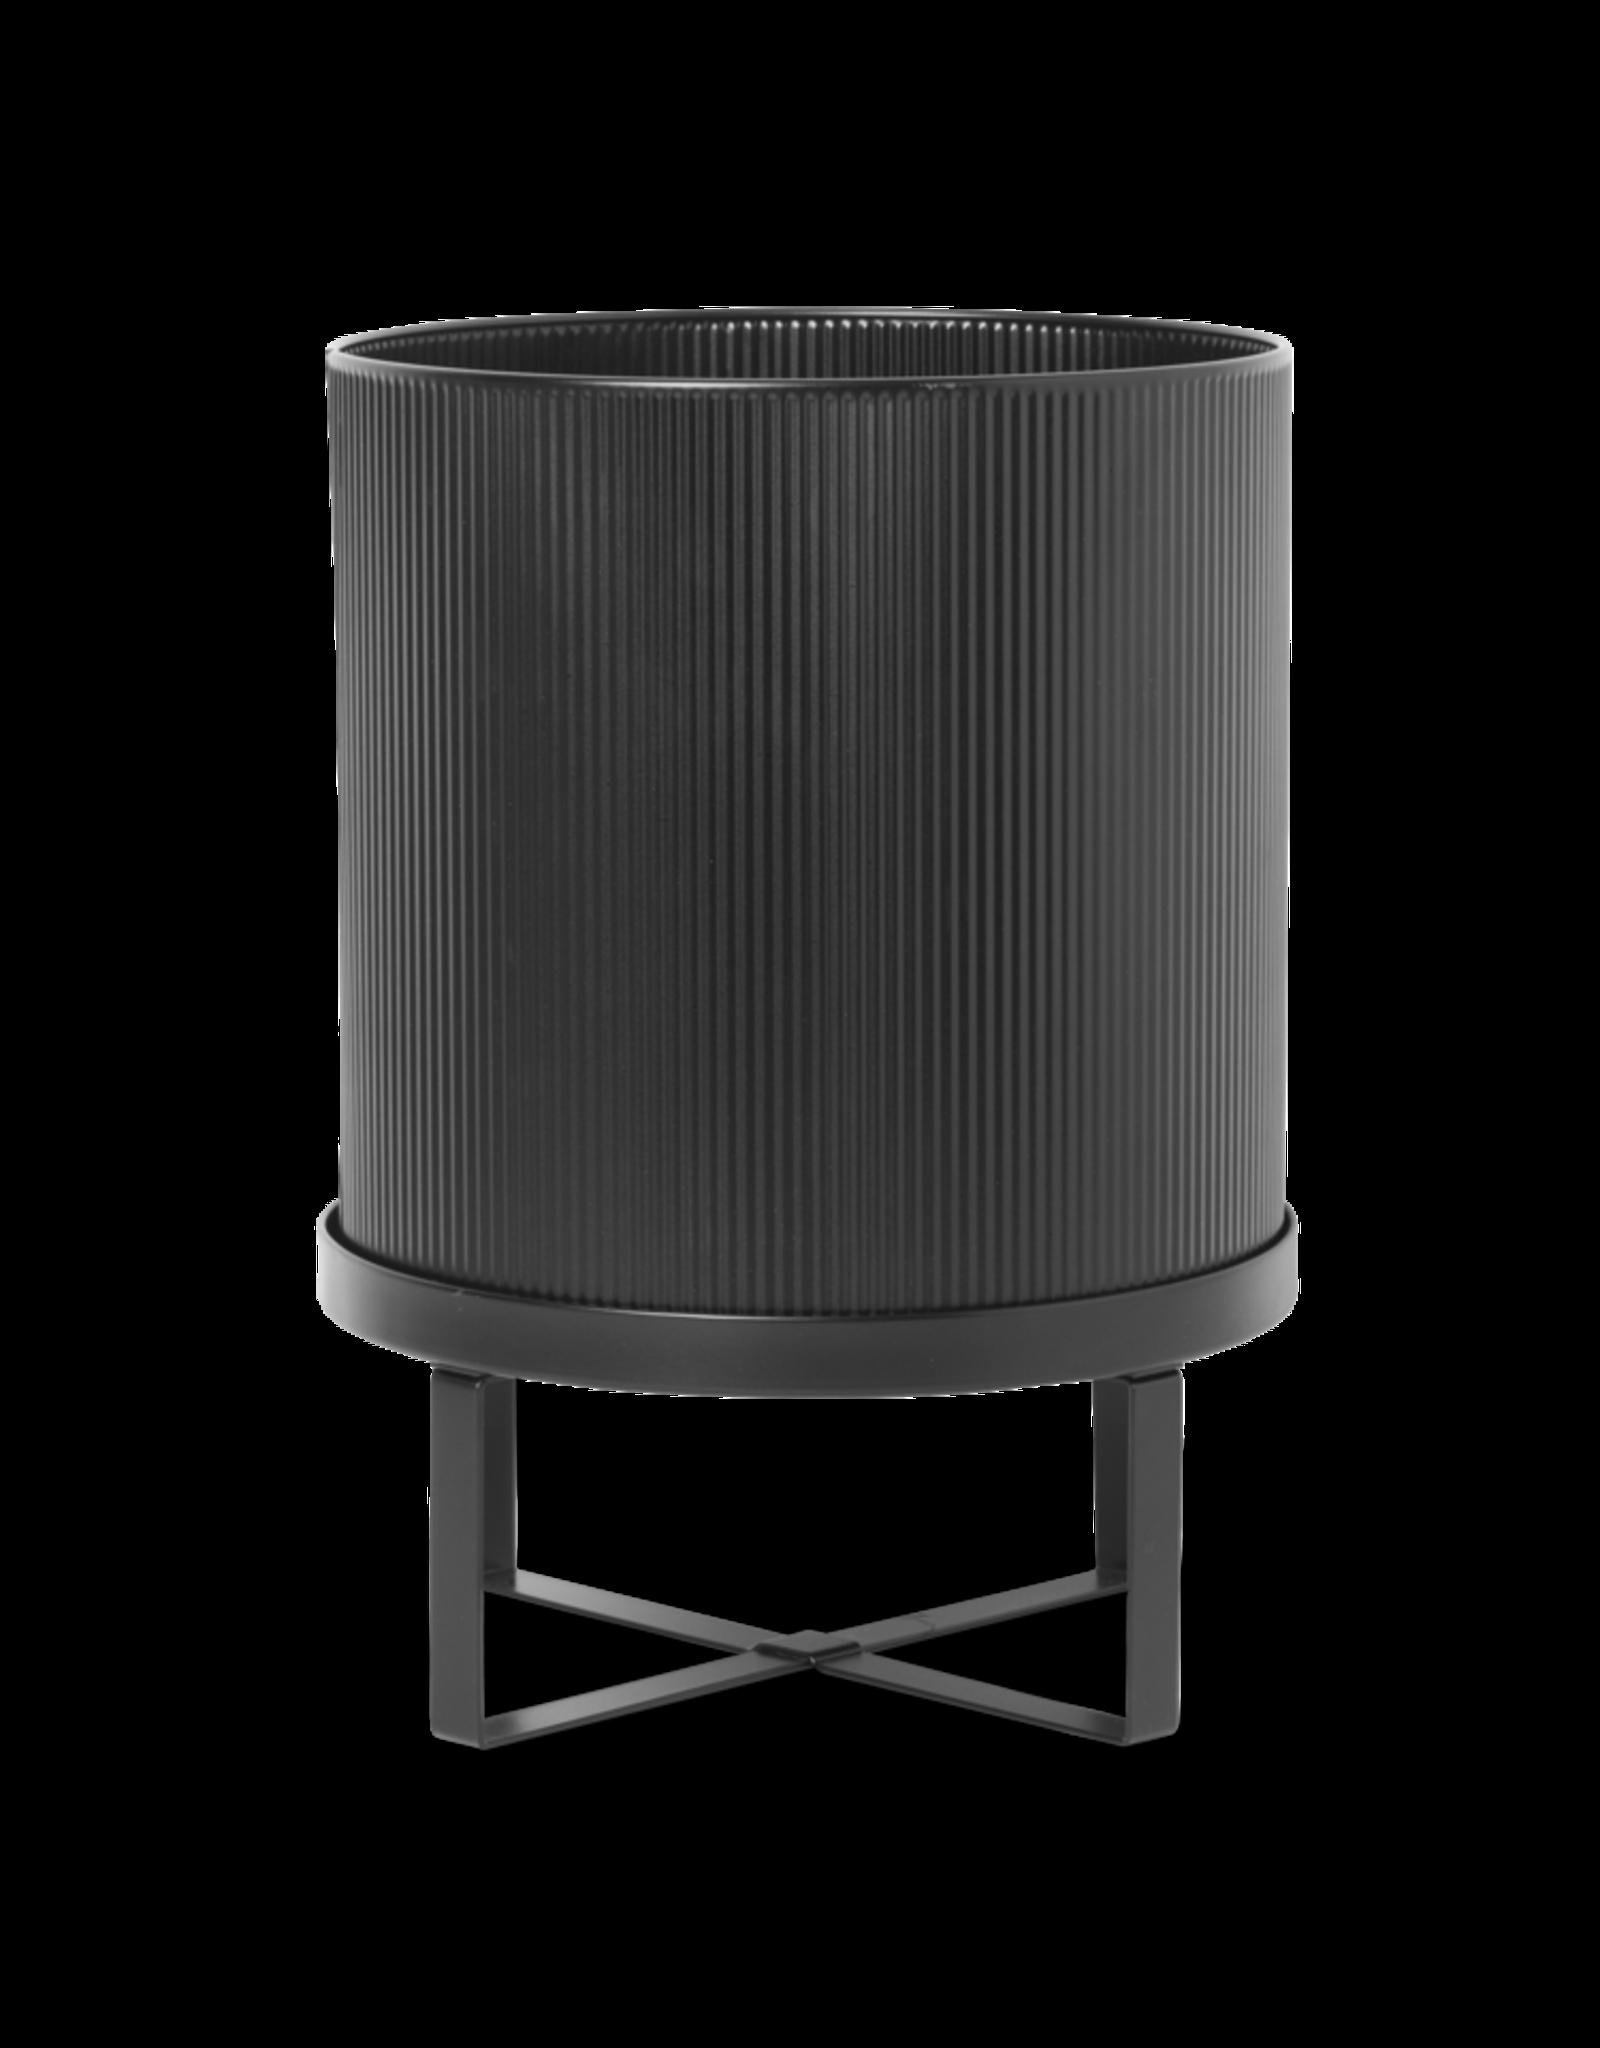 Ferm LIVING Ferm LIVING Bau Pot Large black